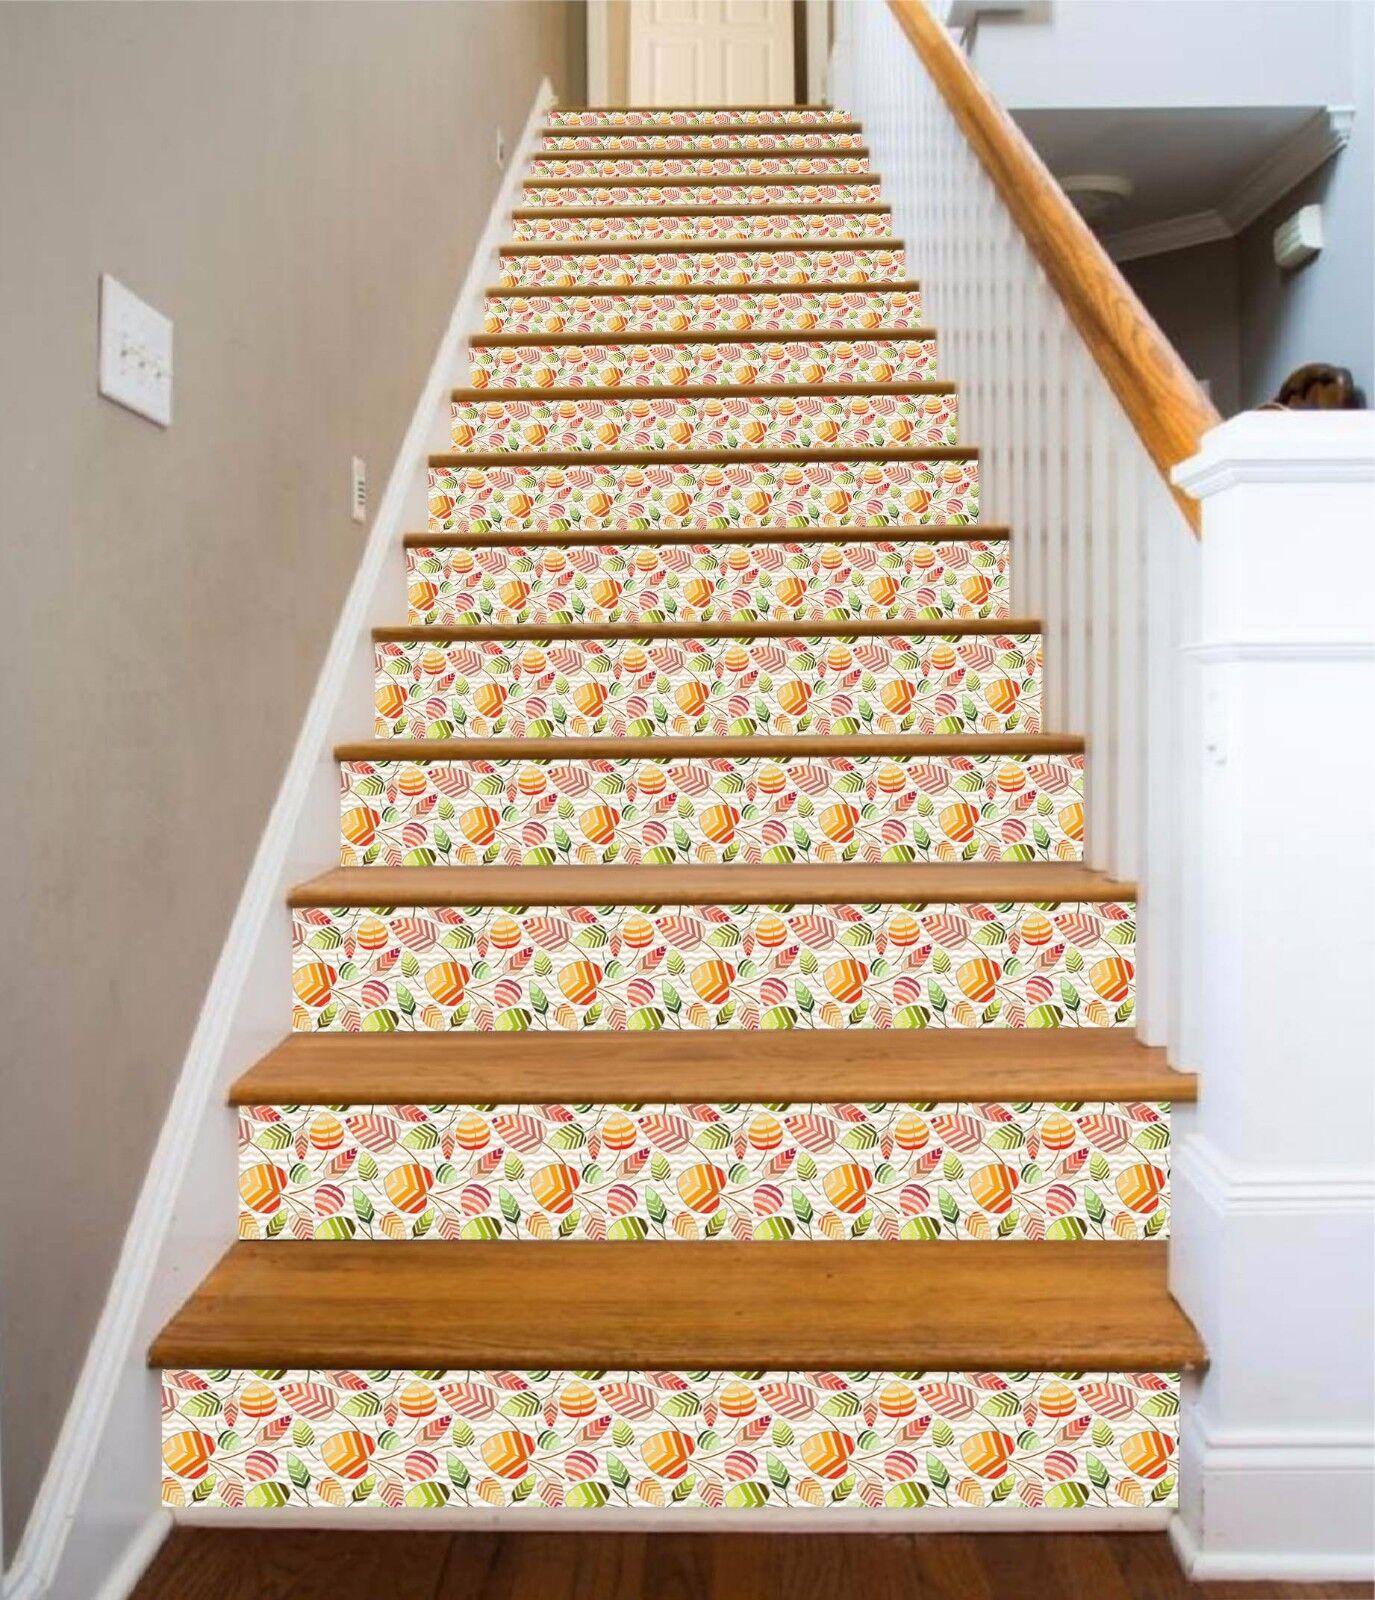 3D Blatt 56 Stair Risers Dekoration Fototapete Vinyl Aufkleber Tapete DE Lemon